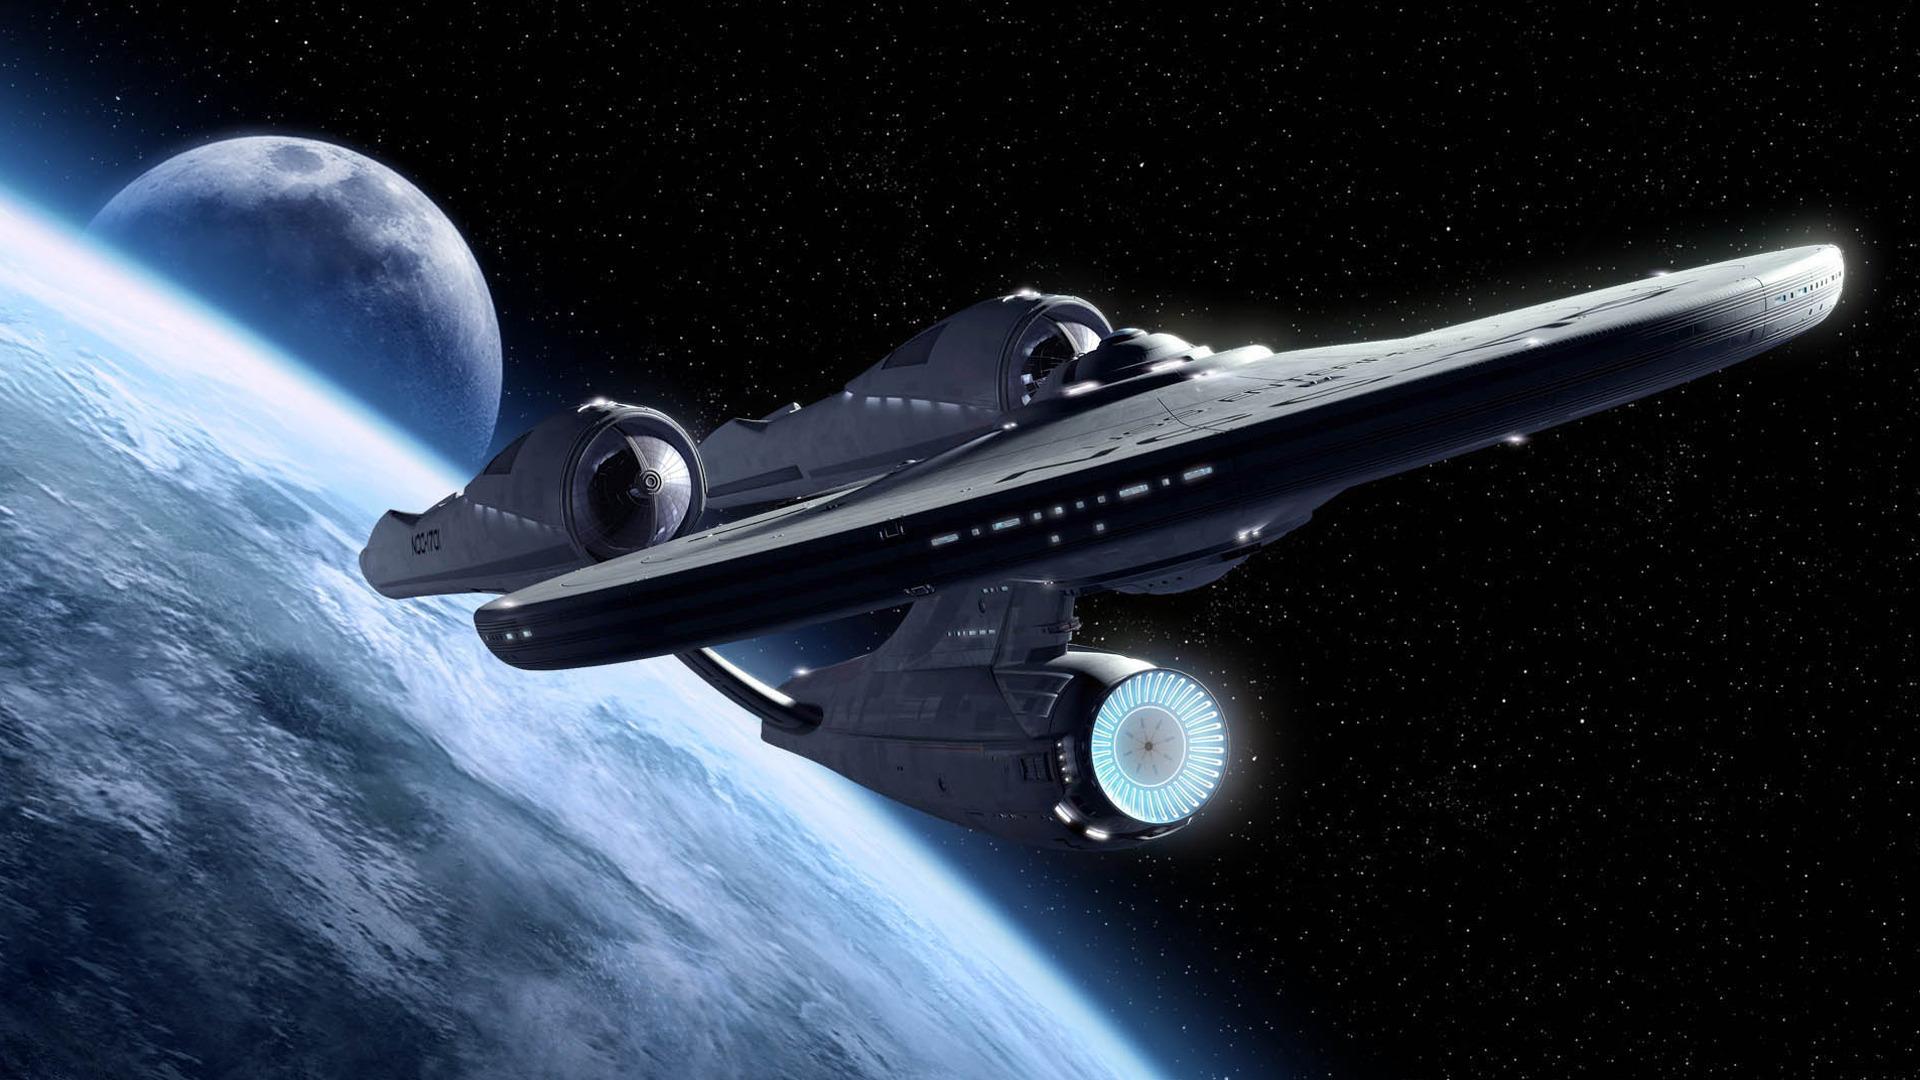 Starship Enterprise   Star Trek wallpaper 5815 1920x1080